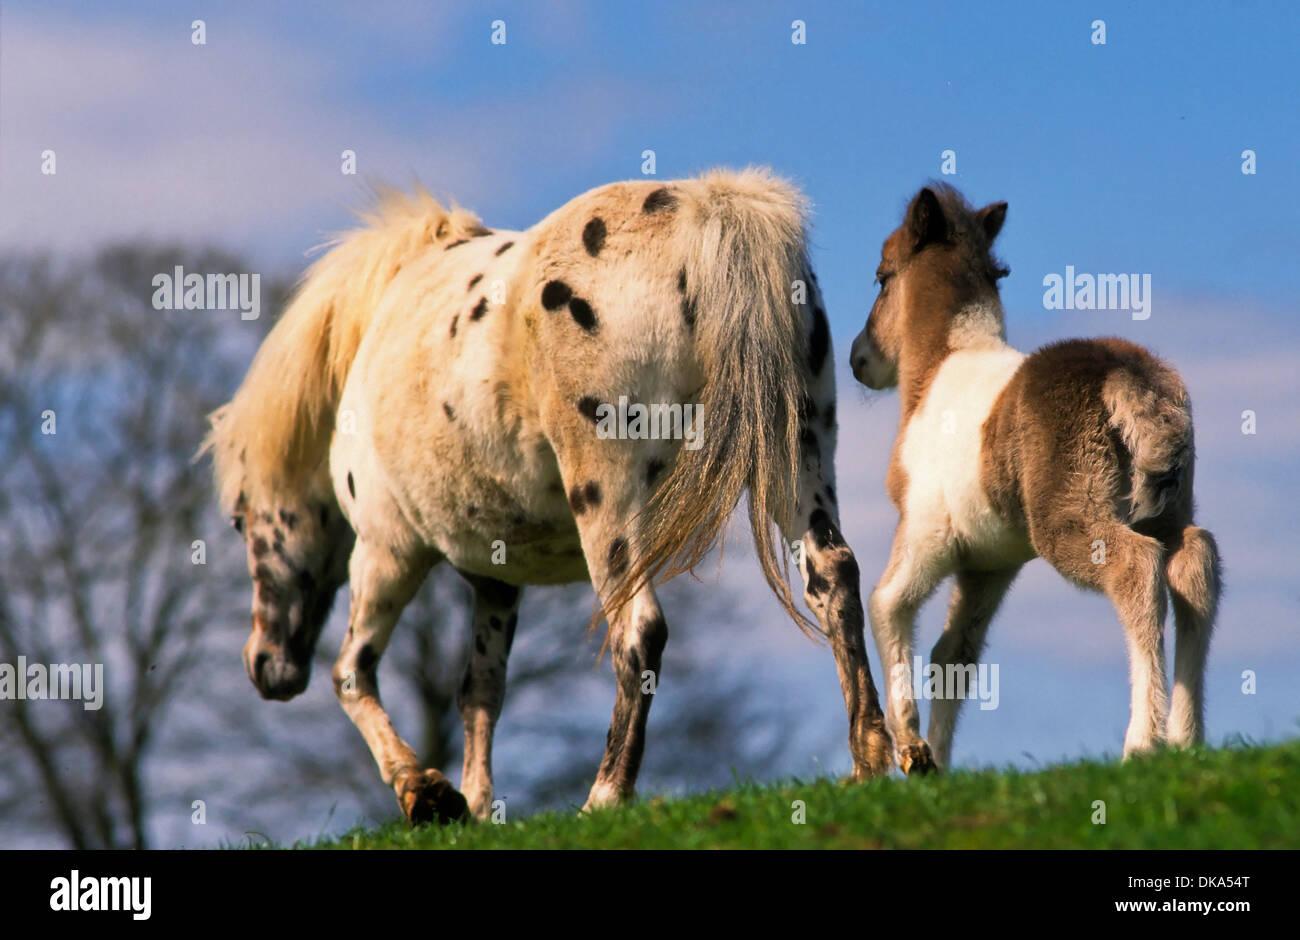 Shetland pony, Shetlandpony mit Fohlen, - Stock Image